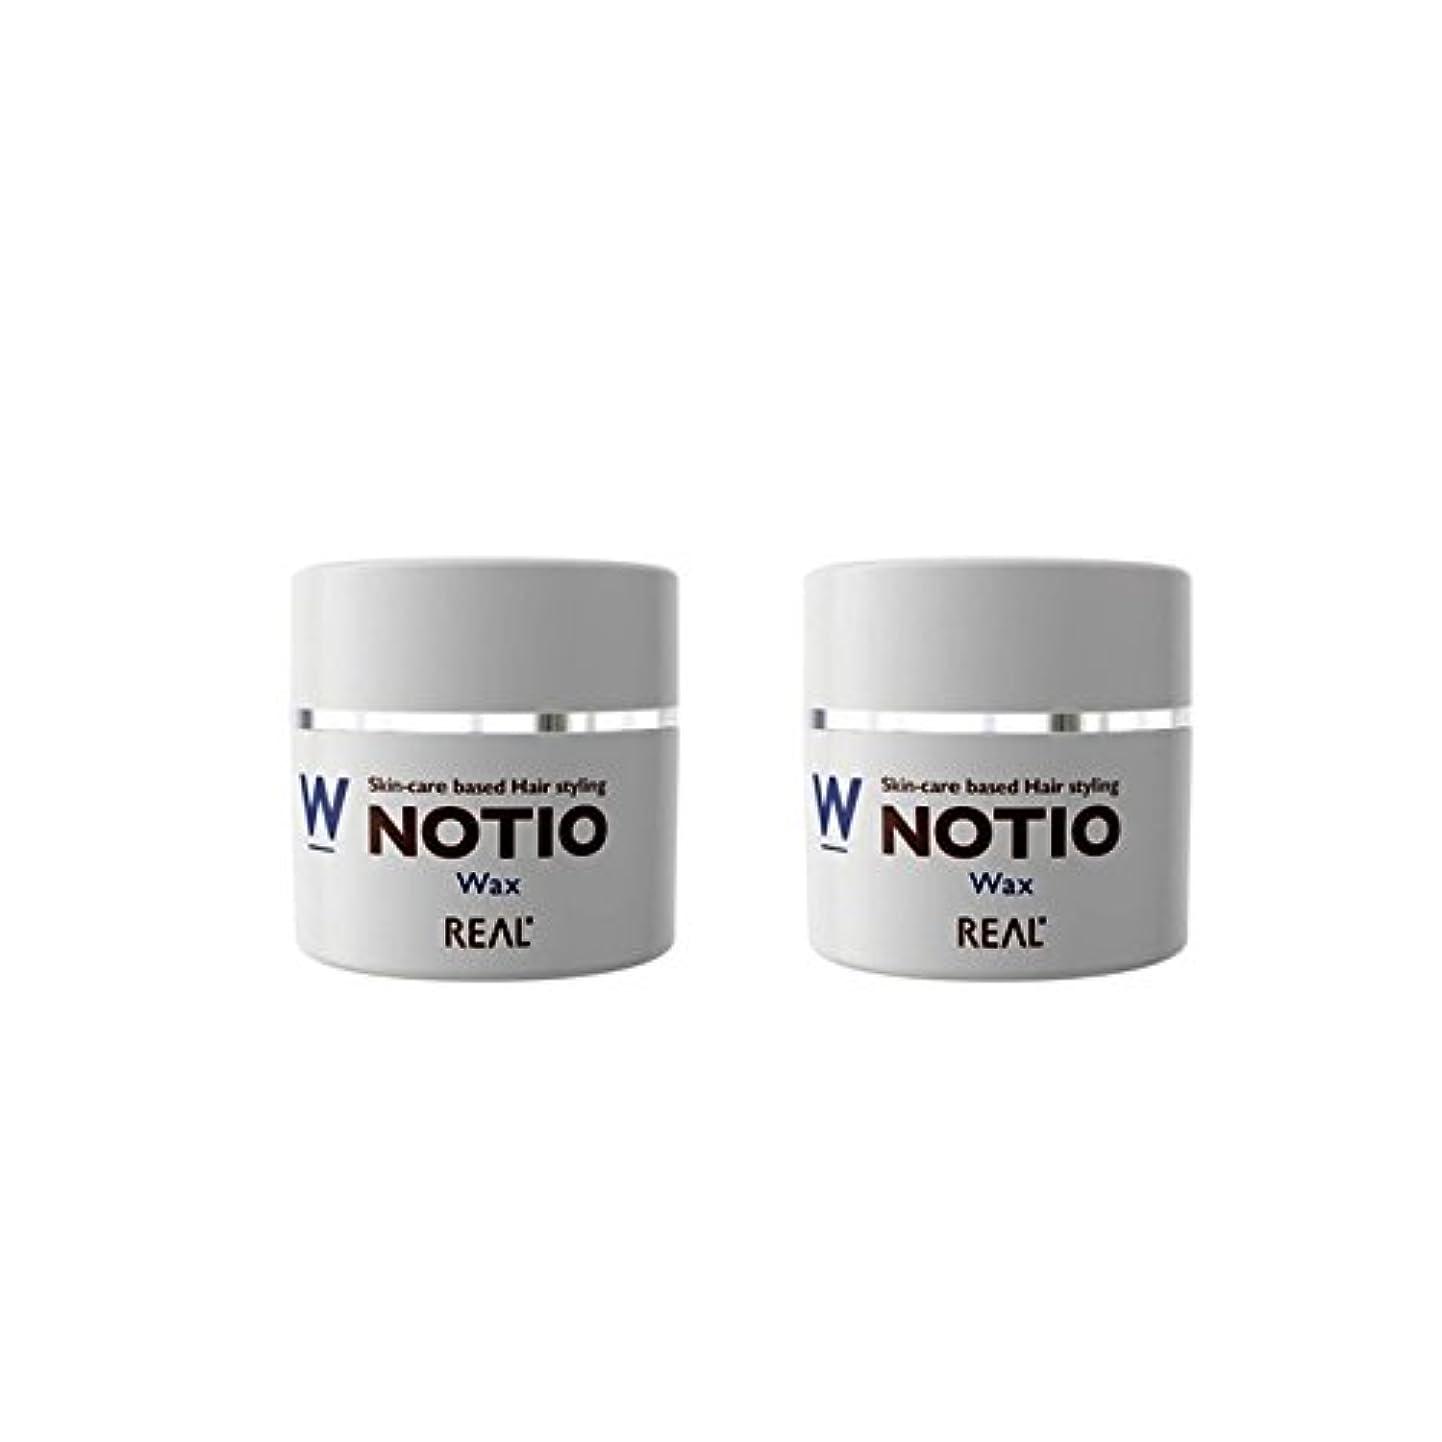 思いやり現象カバー【2個セット】NOTIO Wax ノティオ ワックス ( ヘアスタイリング?ハンドクリーム ) 45g